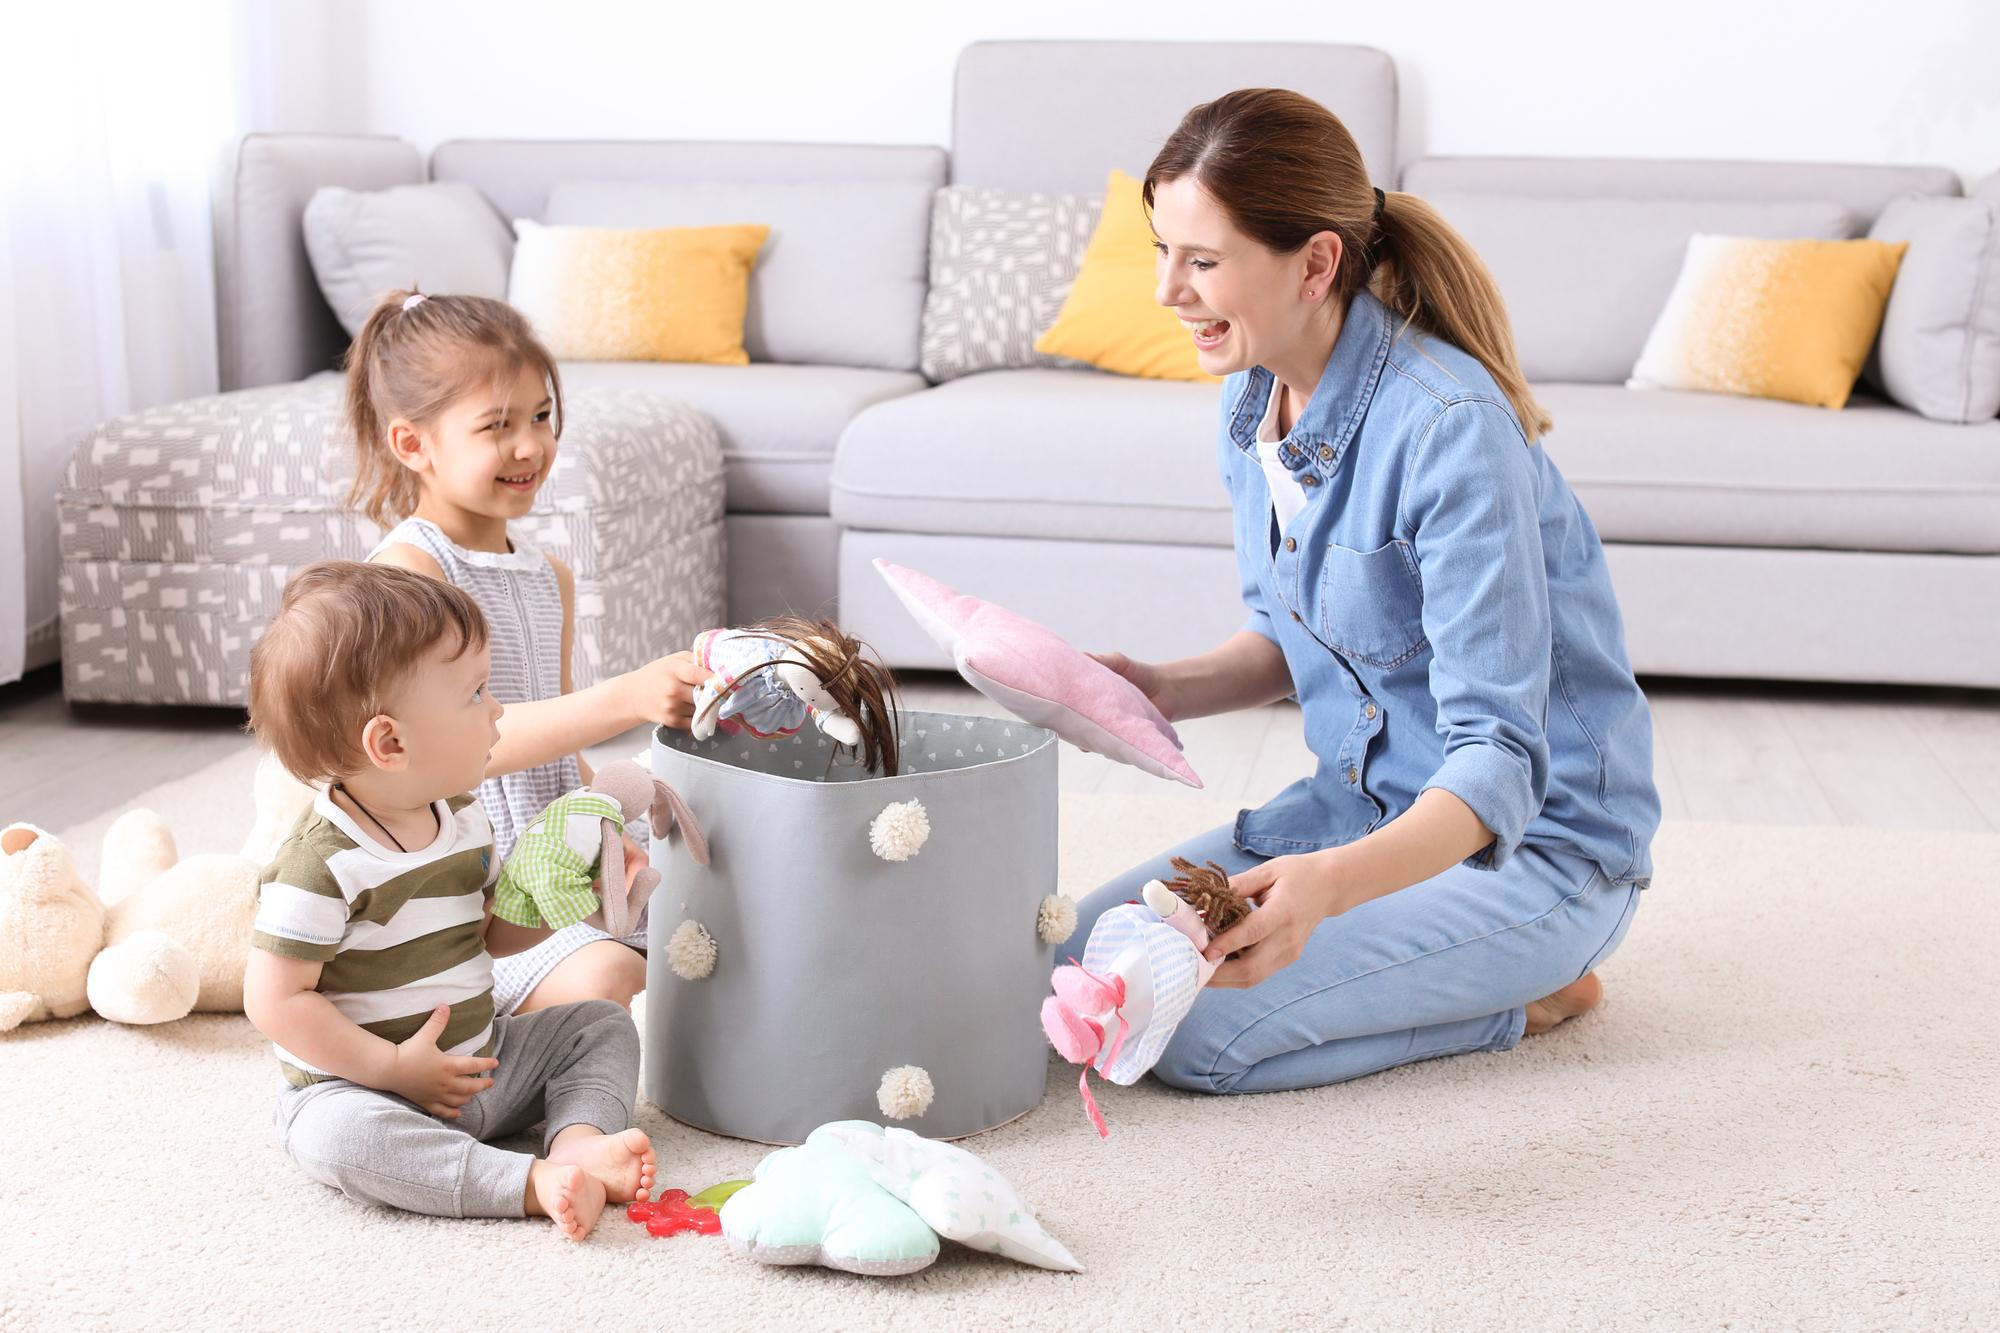 метод сотрудничества в воспитании ребенка